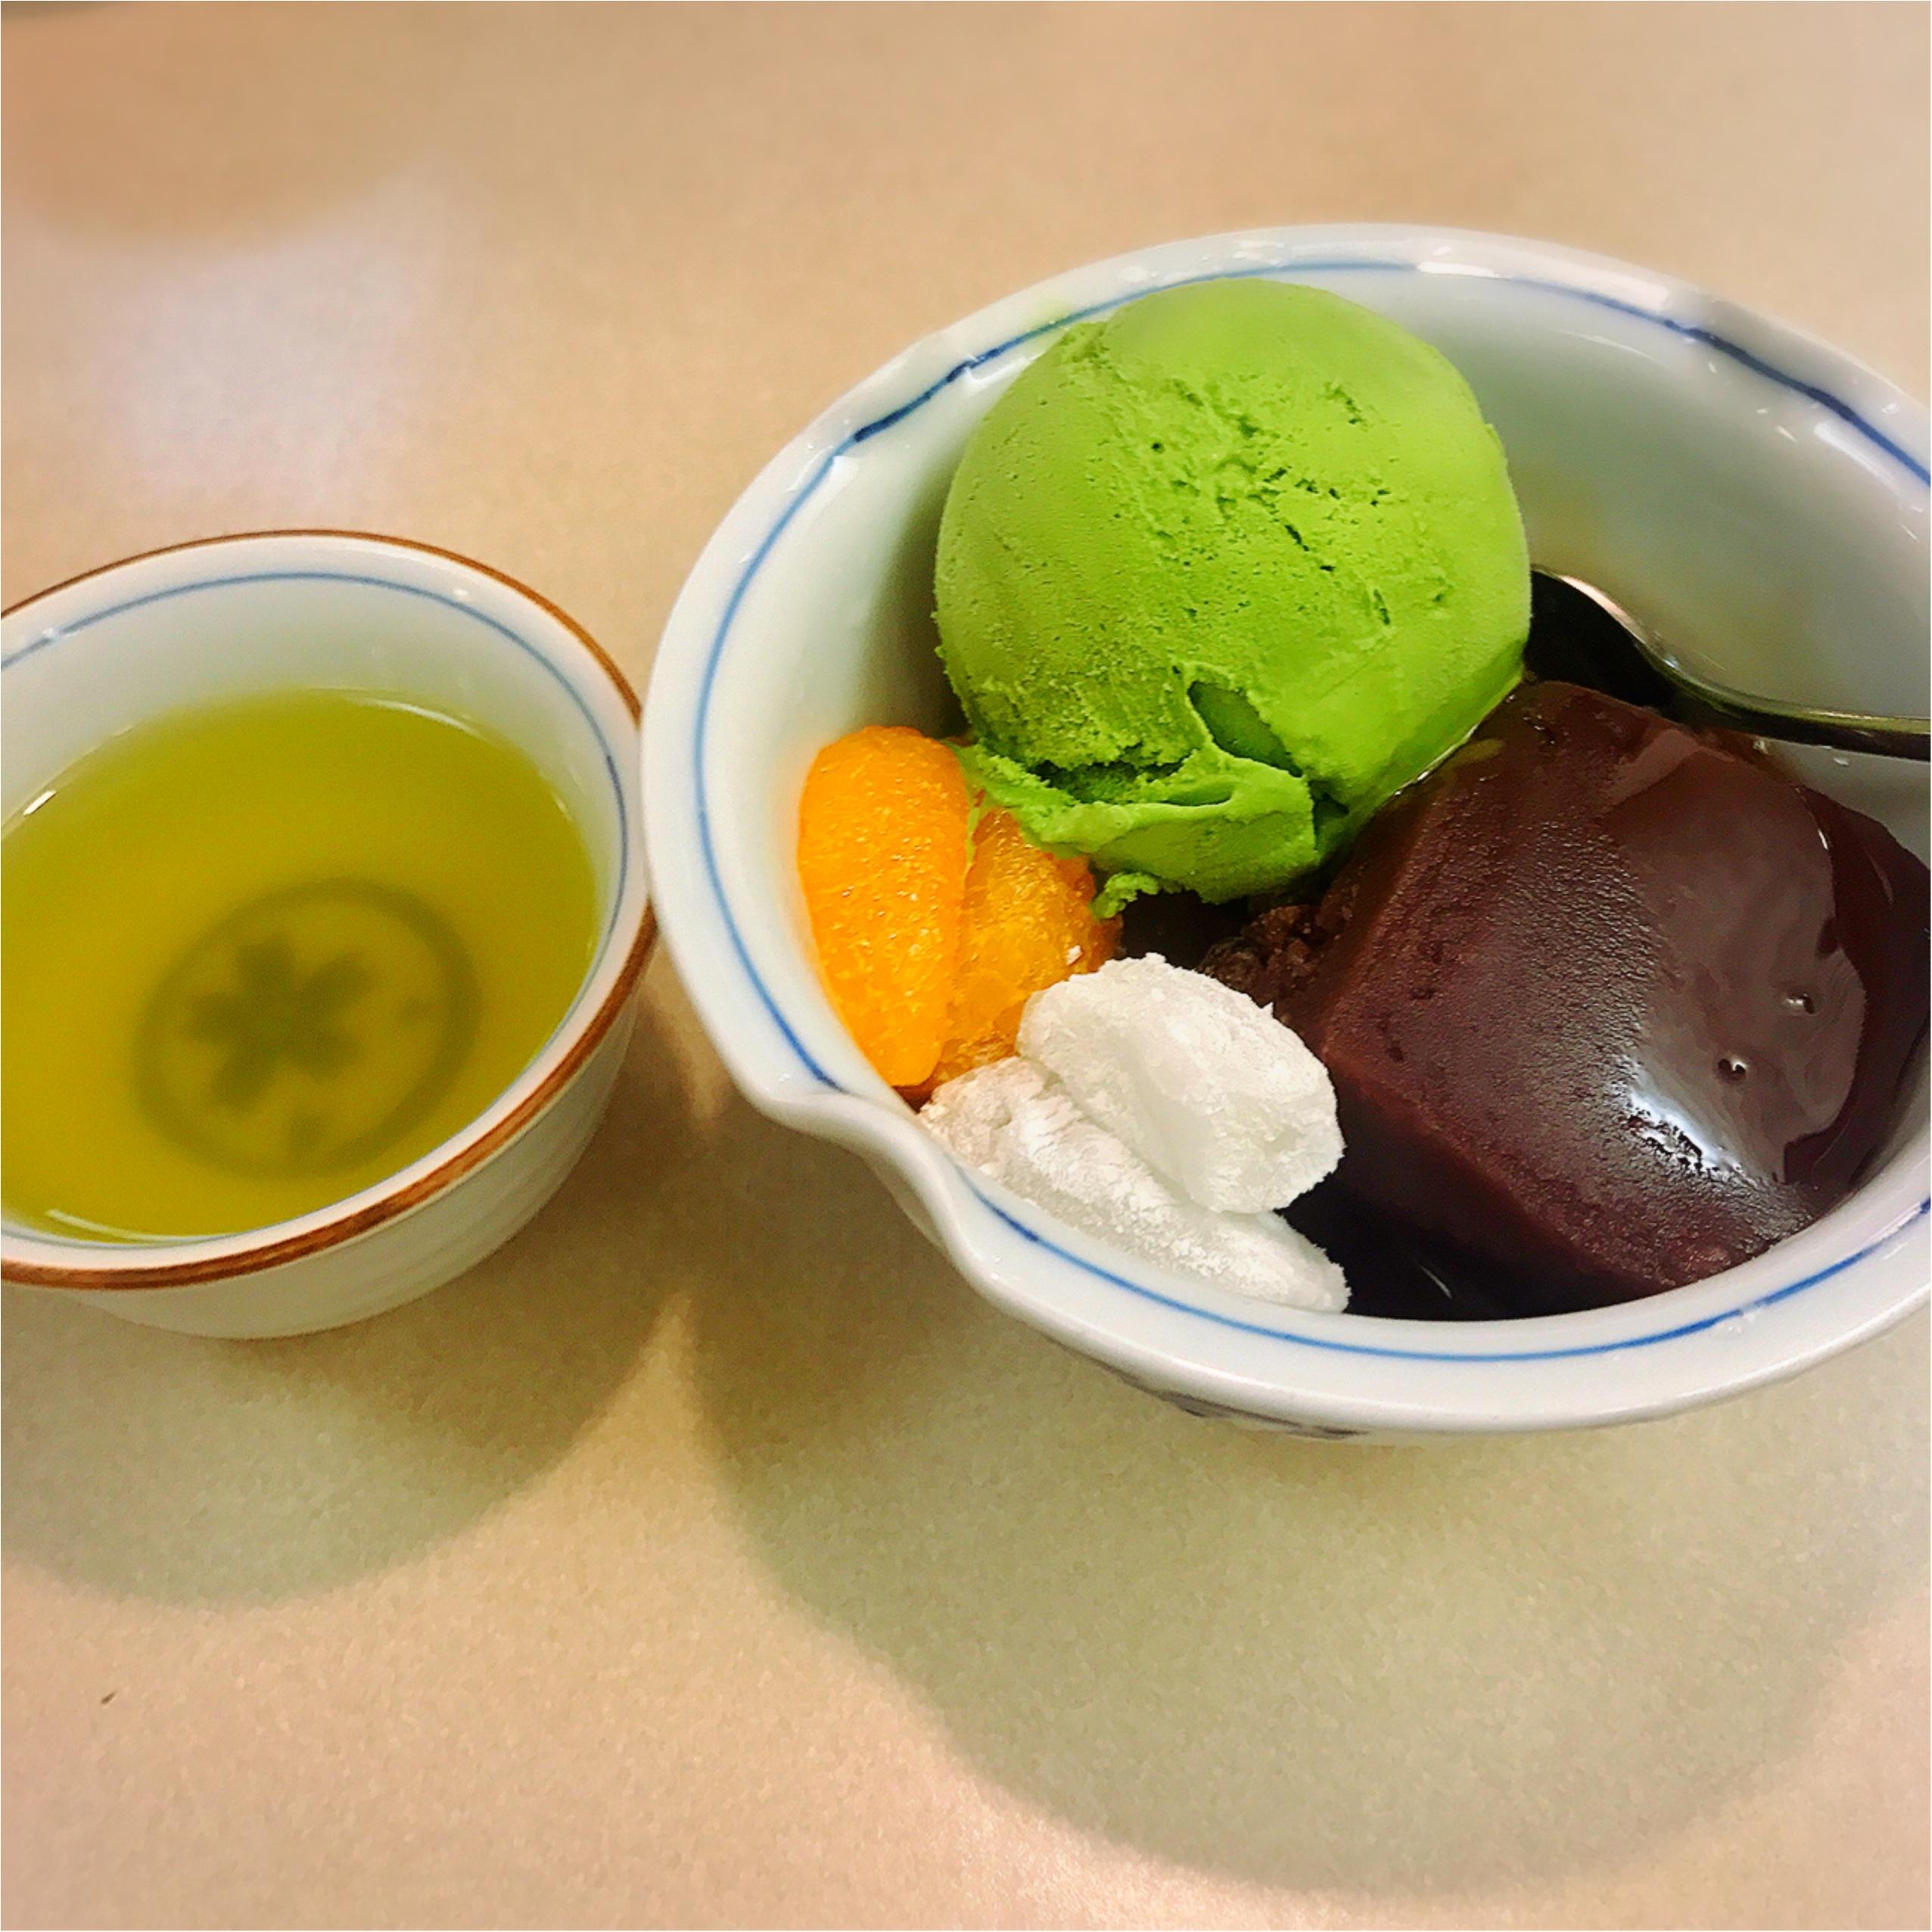 シンプルイズベスト!「みはし」の抹茶あんみつが最高♡_2